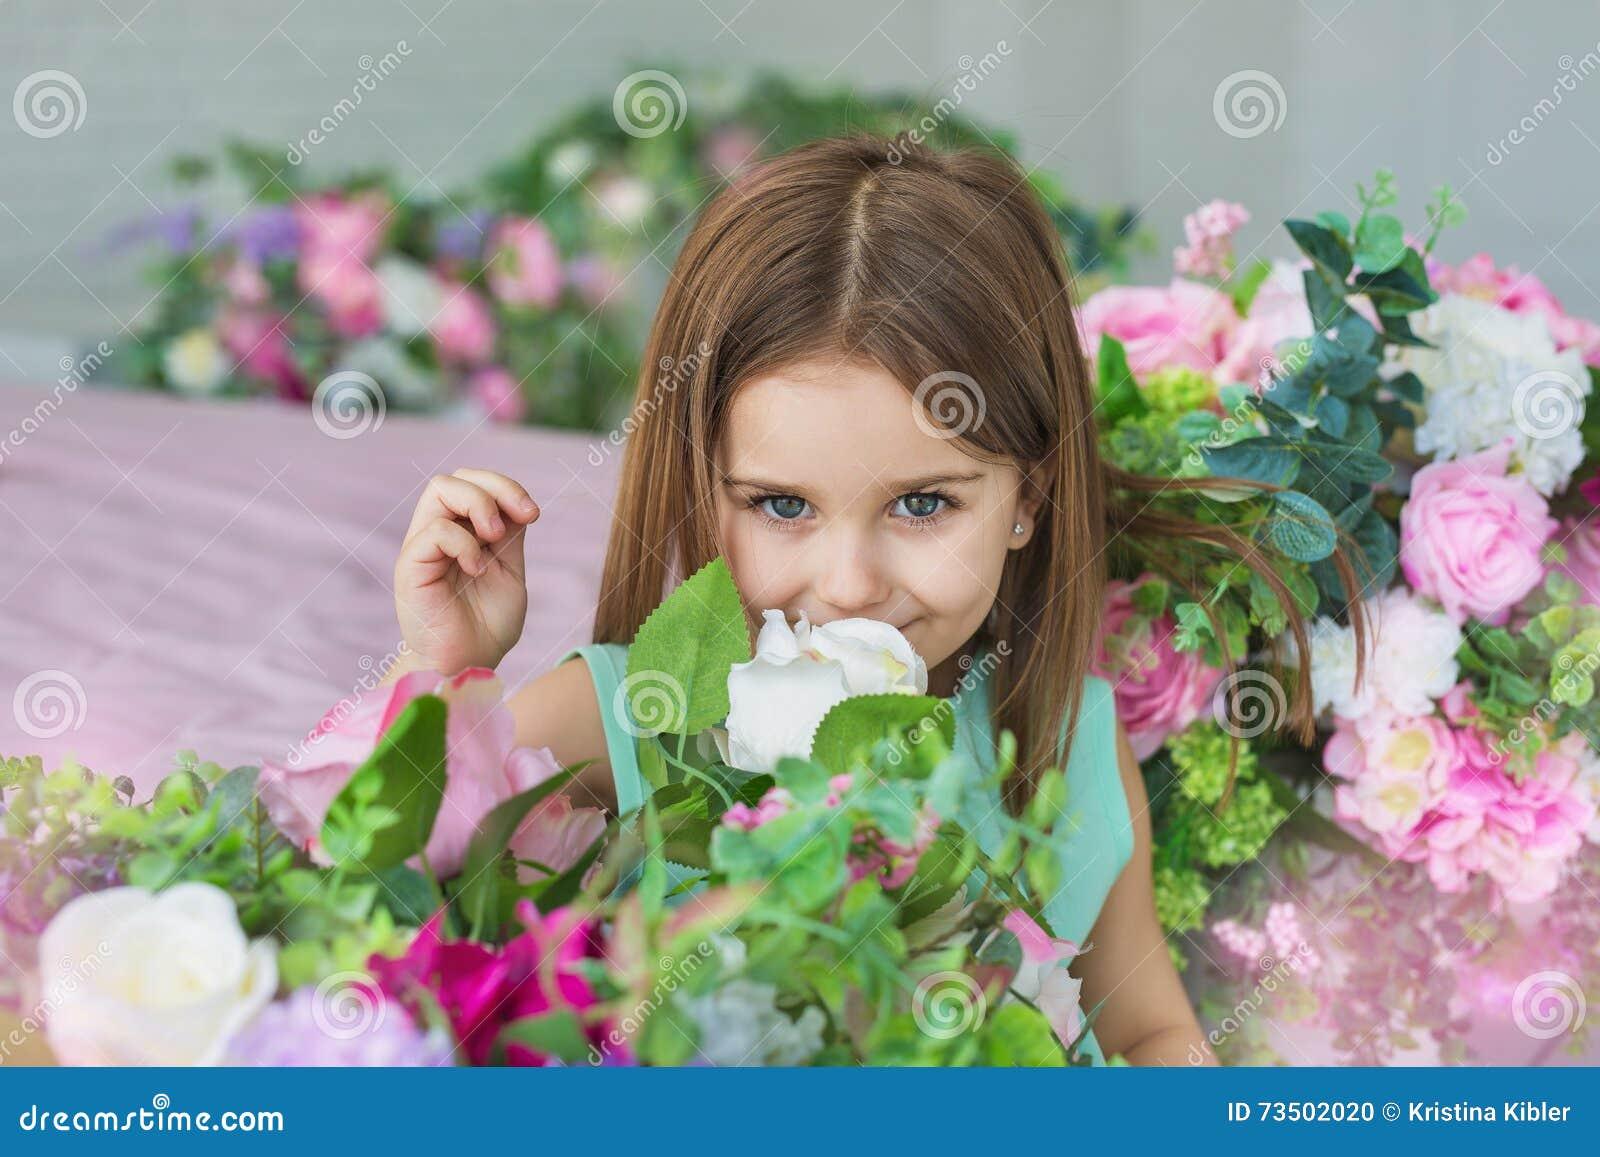 Le portrait d une fille assez petite dans une robe de turquoise renifle des fleurs dans un studio